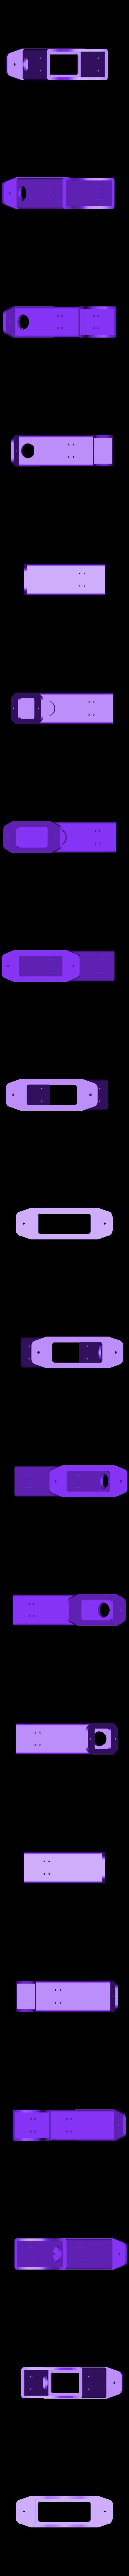 MeanWell_SE200-24_PSU_Case_F360_Redo.stl Télécharger fichier STL gratuit MeanWell SE-200-24 Boîtier d'alimentation électrique Vslot DBot DBot • Plan pour imprimante 3D, Phaedrux